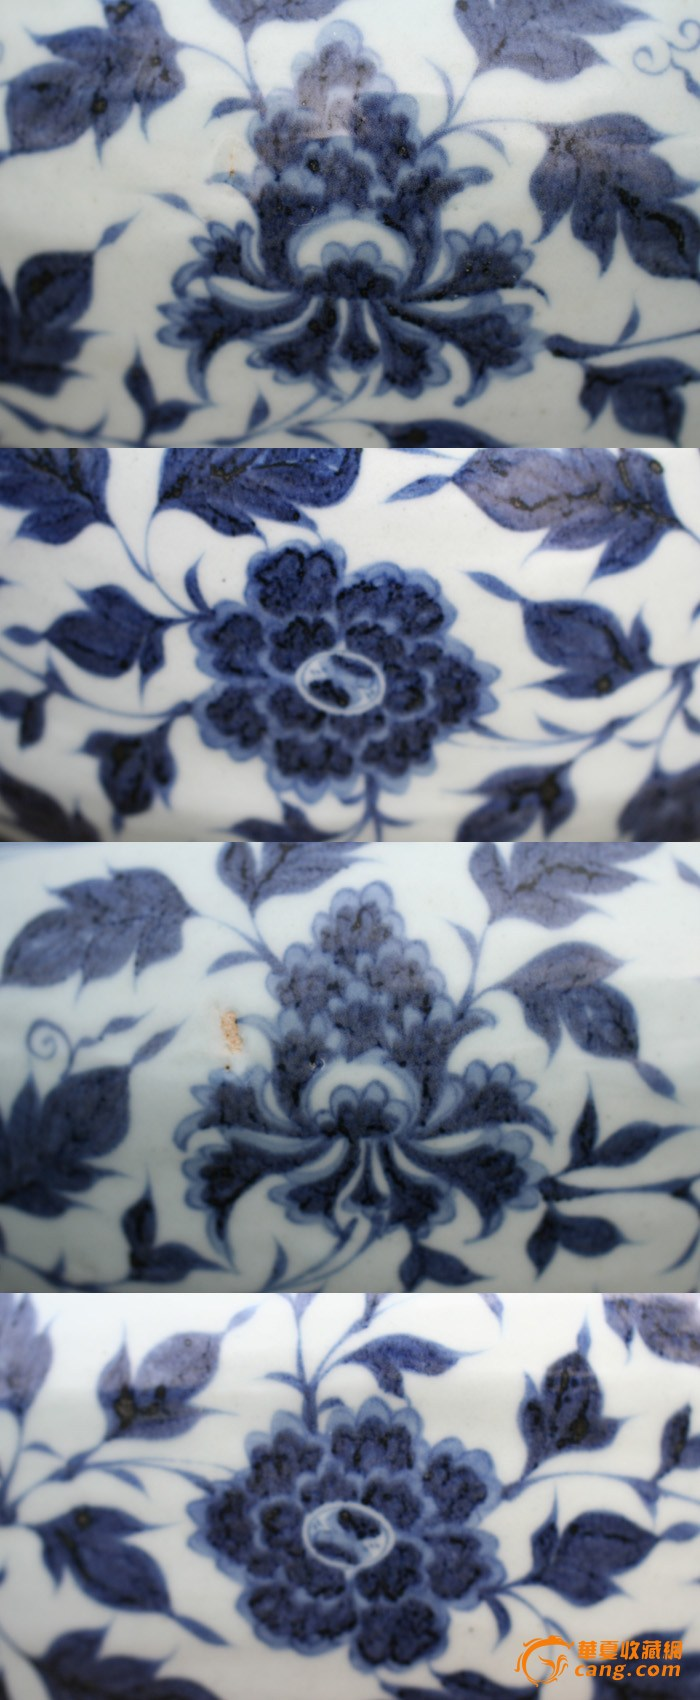 成就了一代经典青花纹样牡丹采用半圆勾线,勾线灵动,一笔成型,牡丹叶